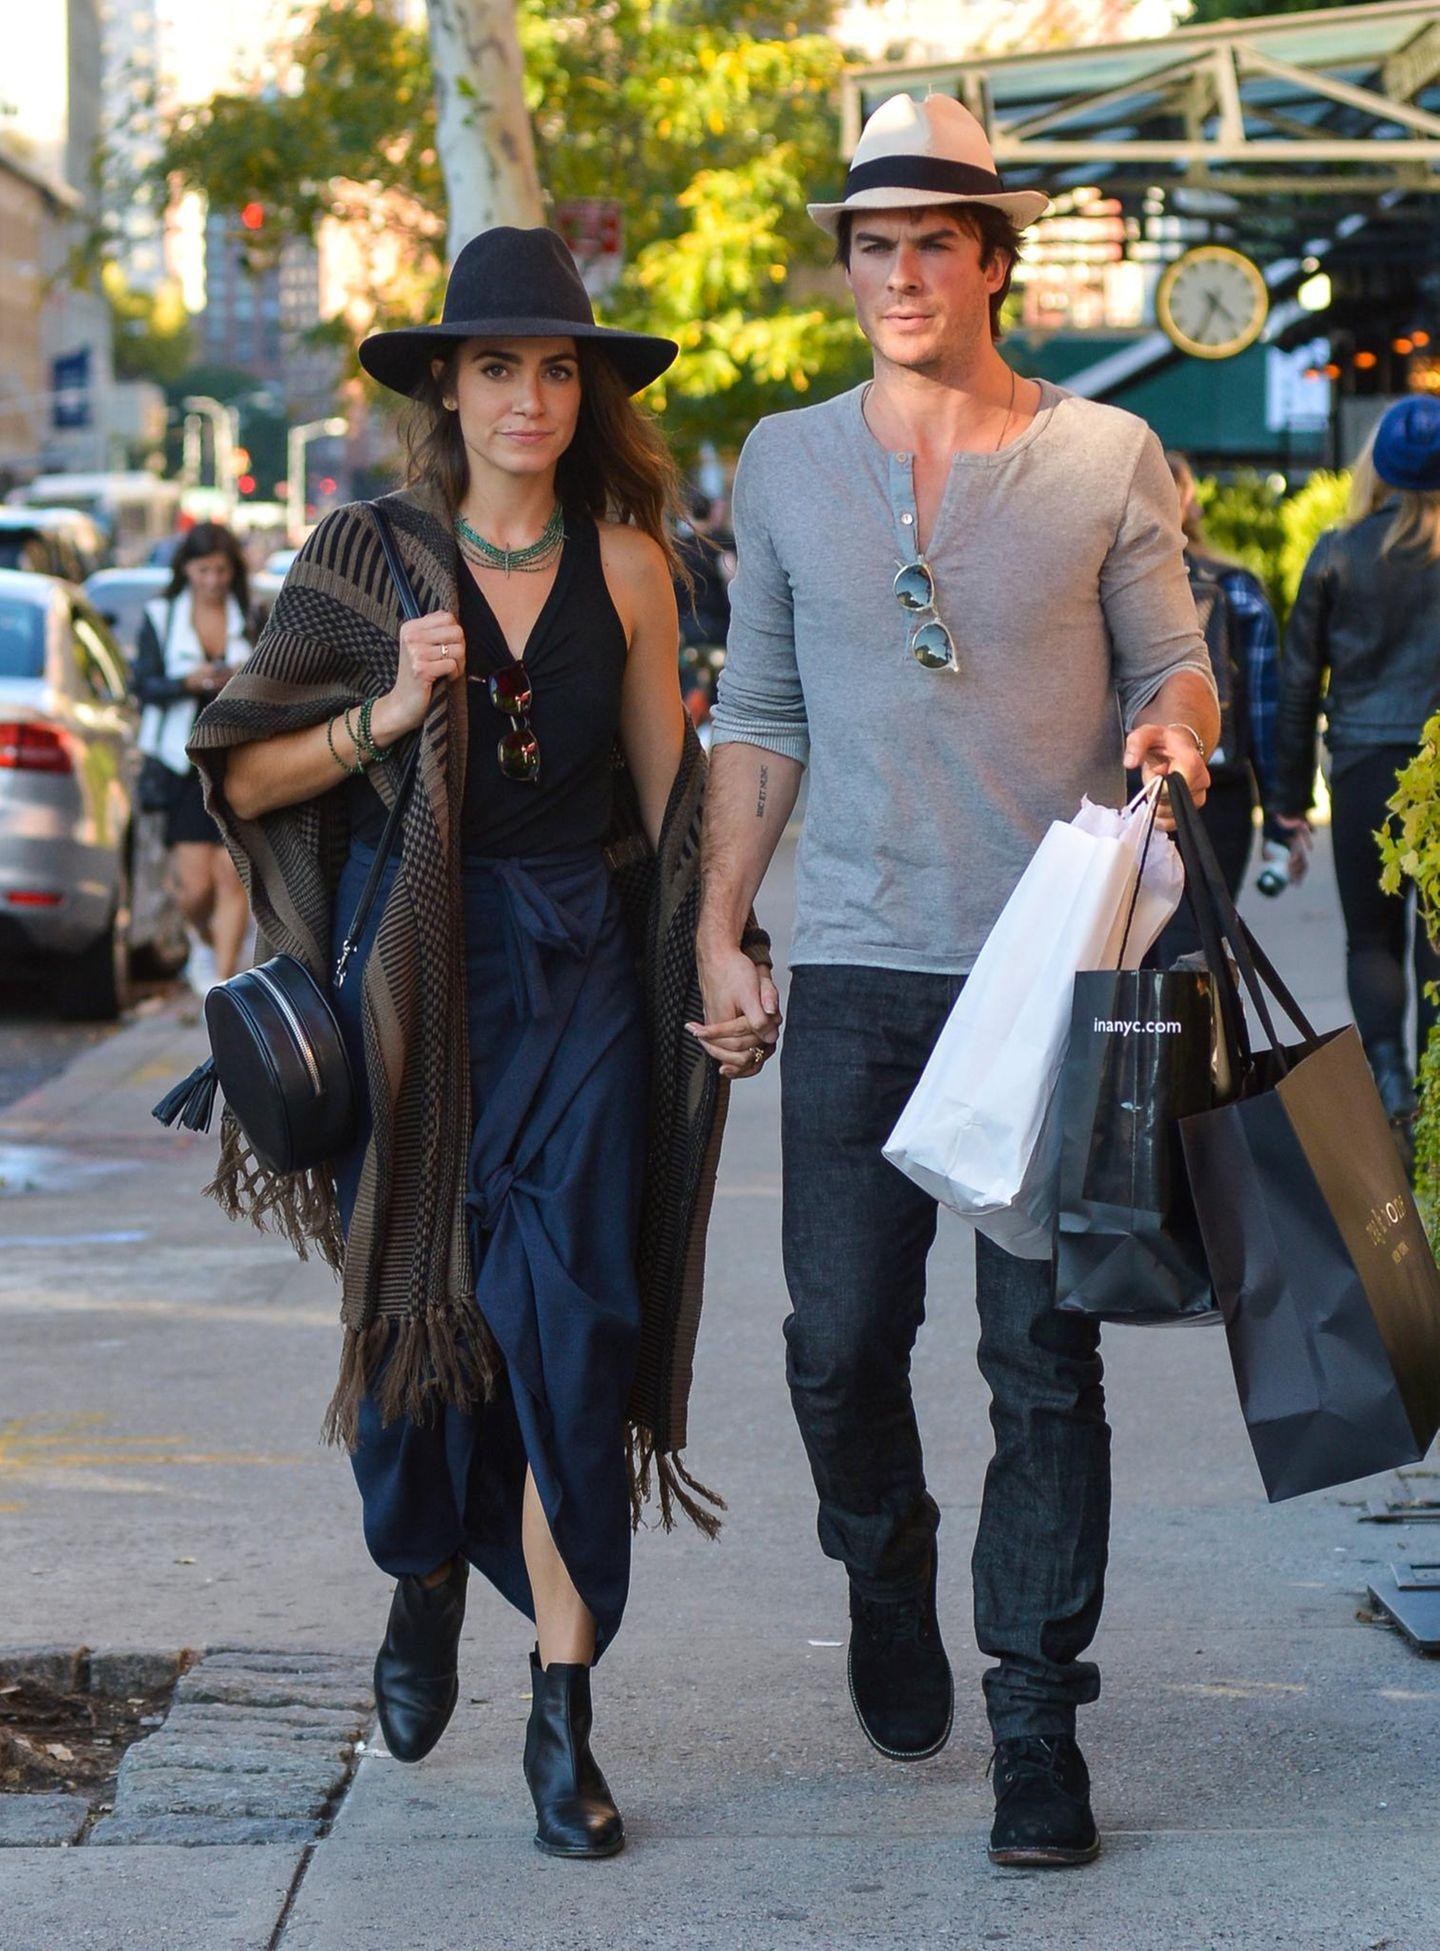 12. Oktober 2015: Nikki Reed und Ian Somerhalder gehen in New York spazieren.